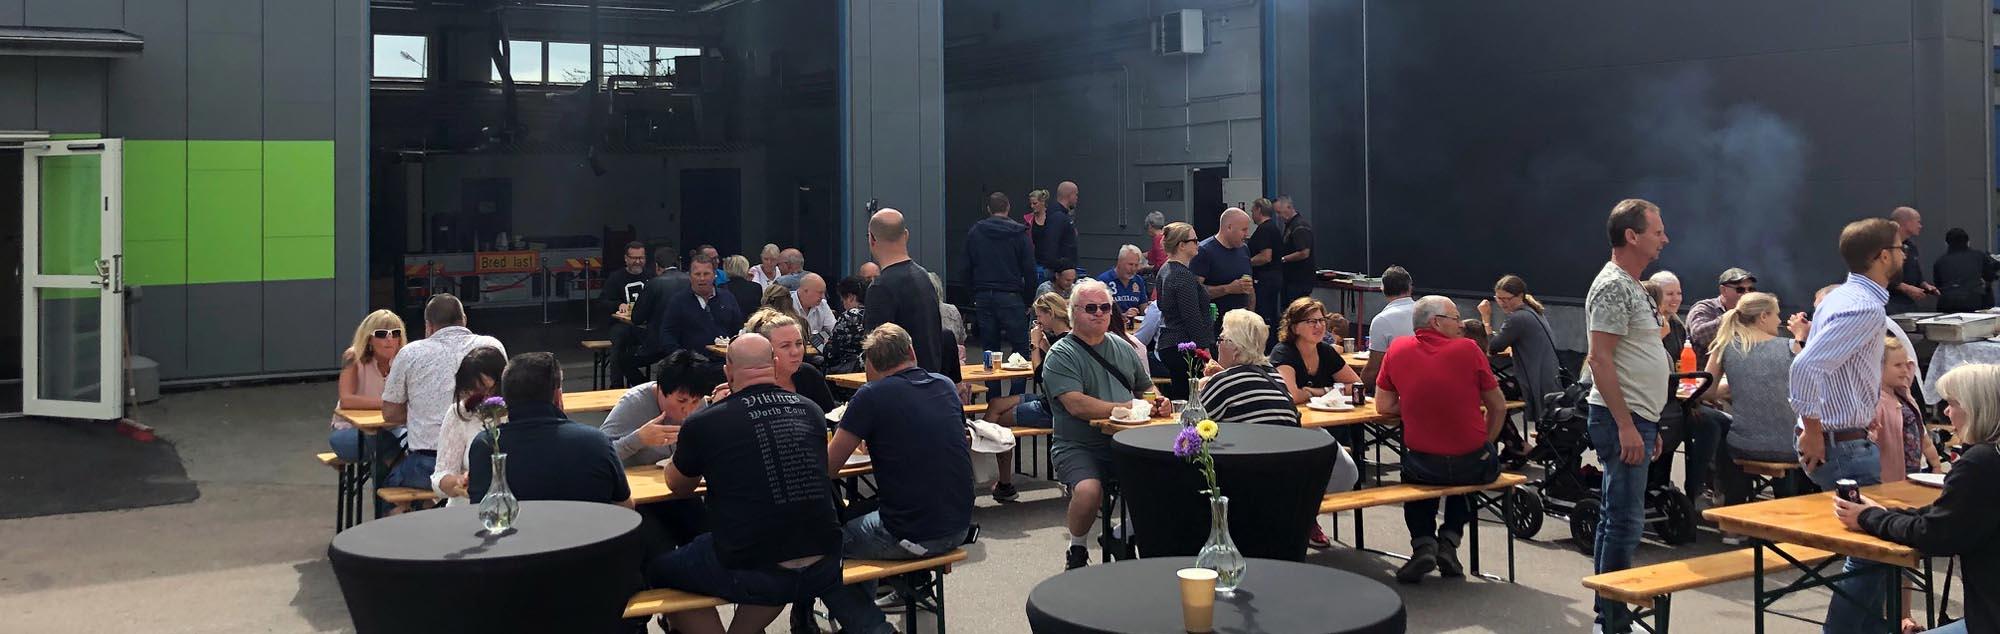 Öppet hus och invigning i Göteborg